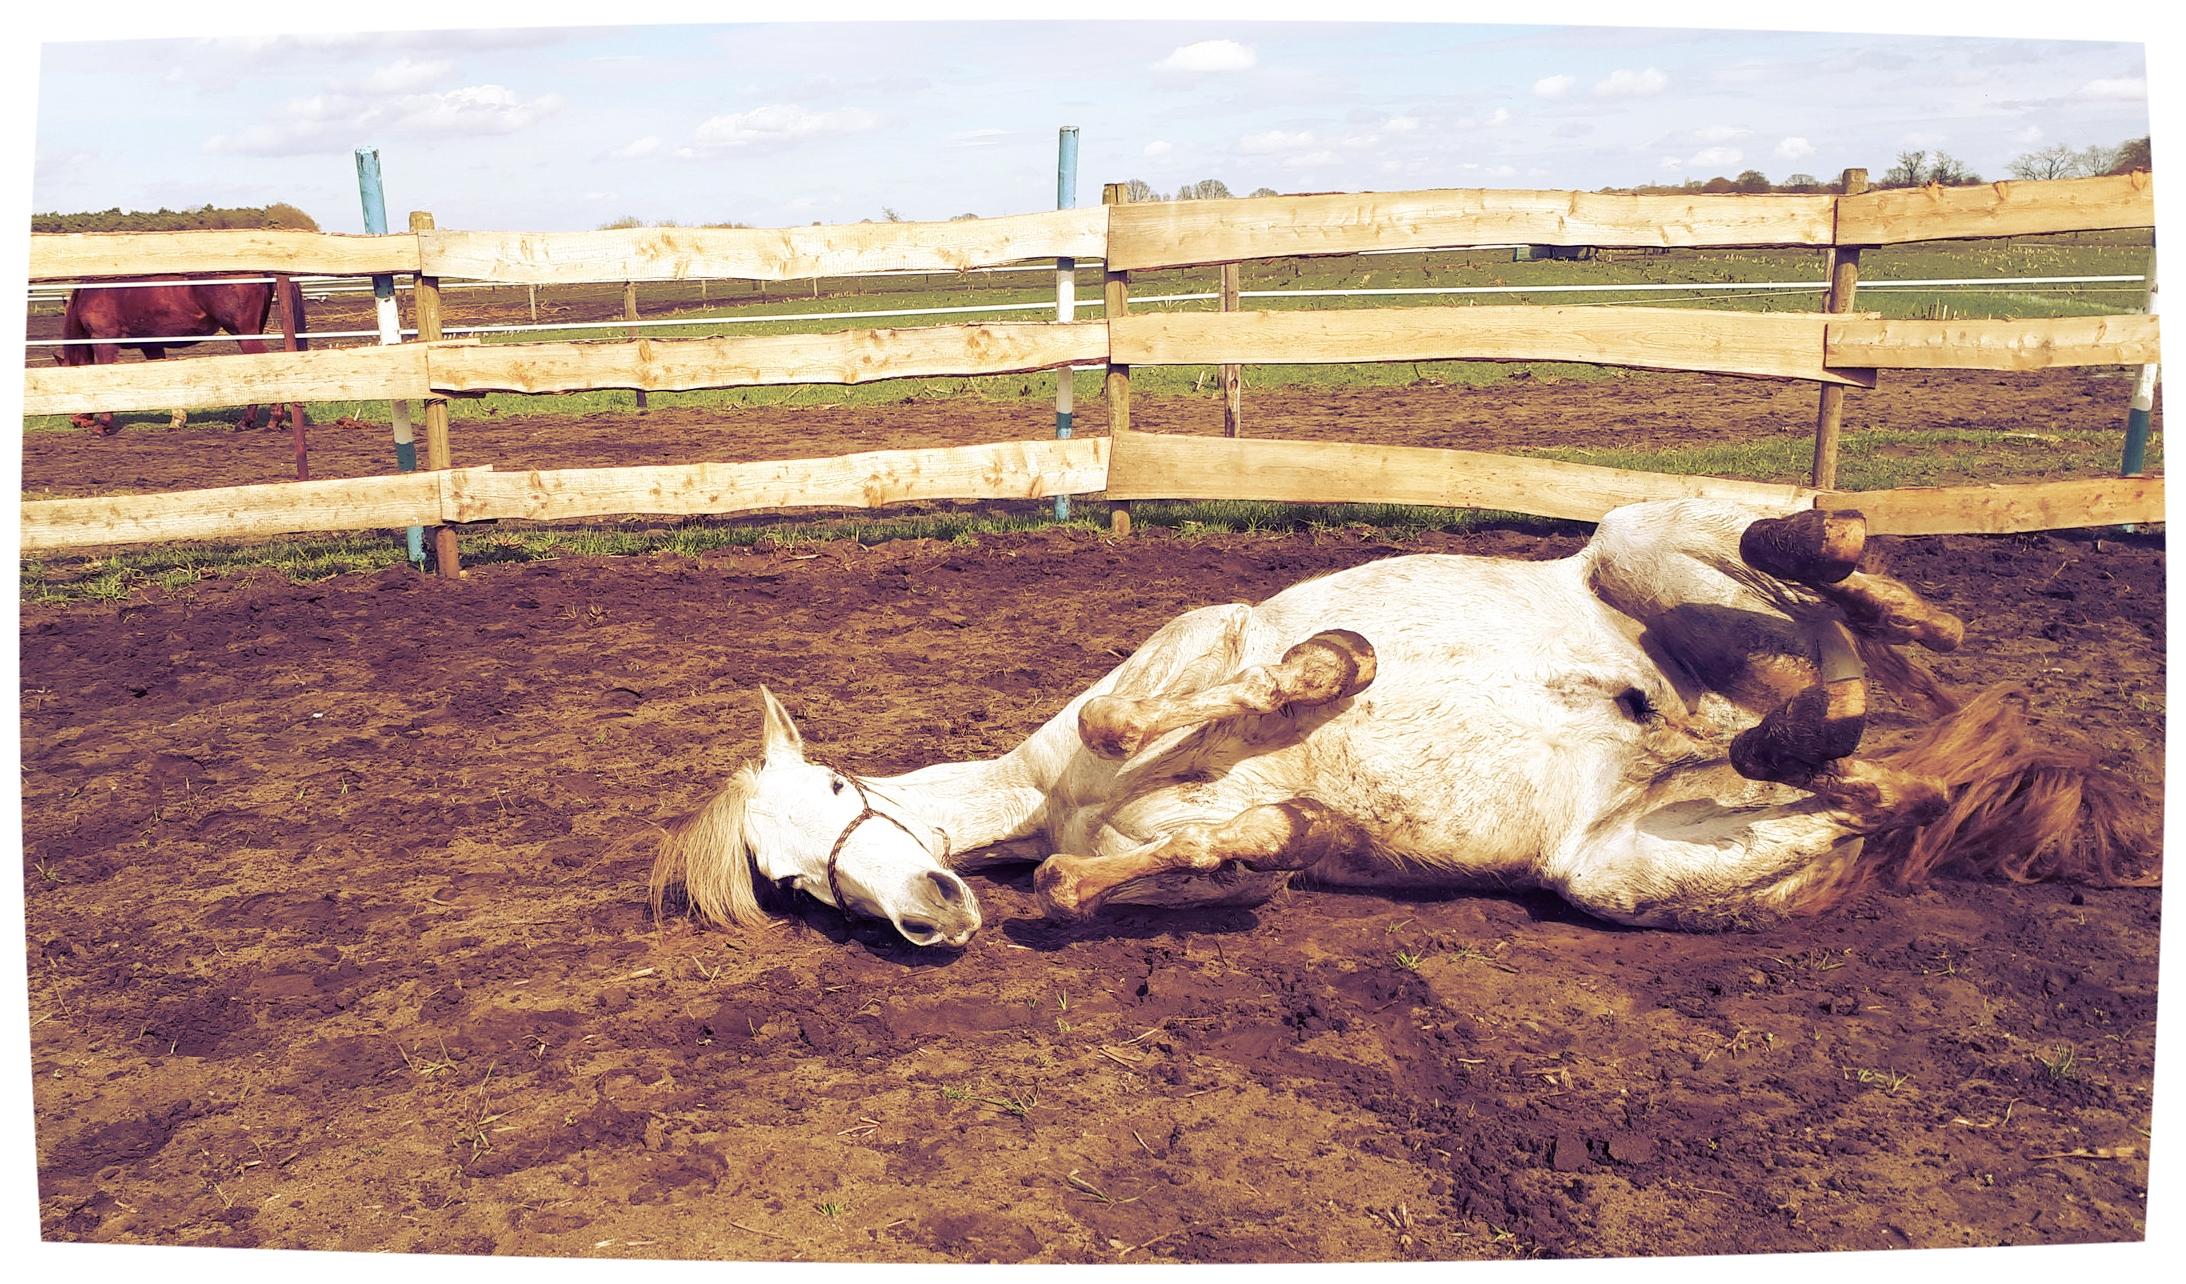 Even ontspannen na tempowisselingen tussen draf en galop. Ocho heeft nog moeite met zijn balans tijdens de wisseling. Daarom oefen ik met hem van op de grond om dit te verbeteren.